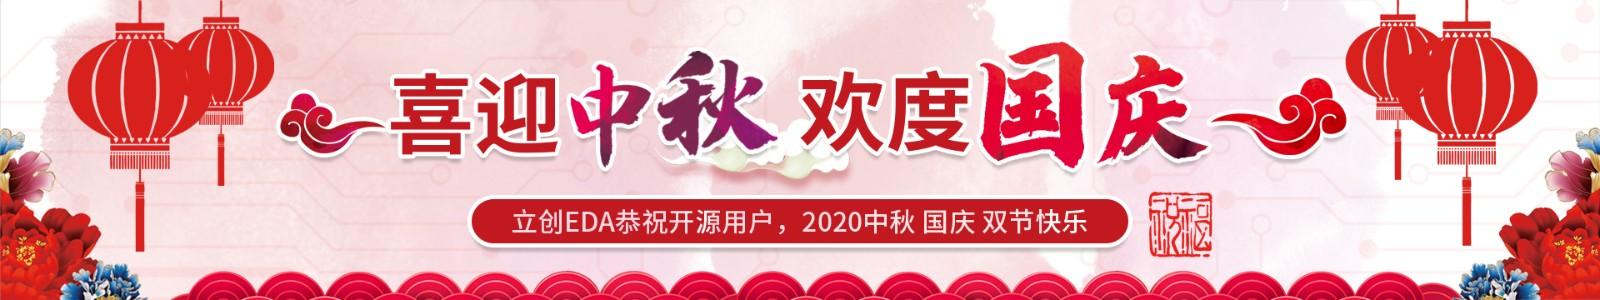 国庆中秋双节快乐